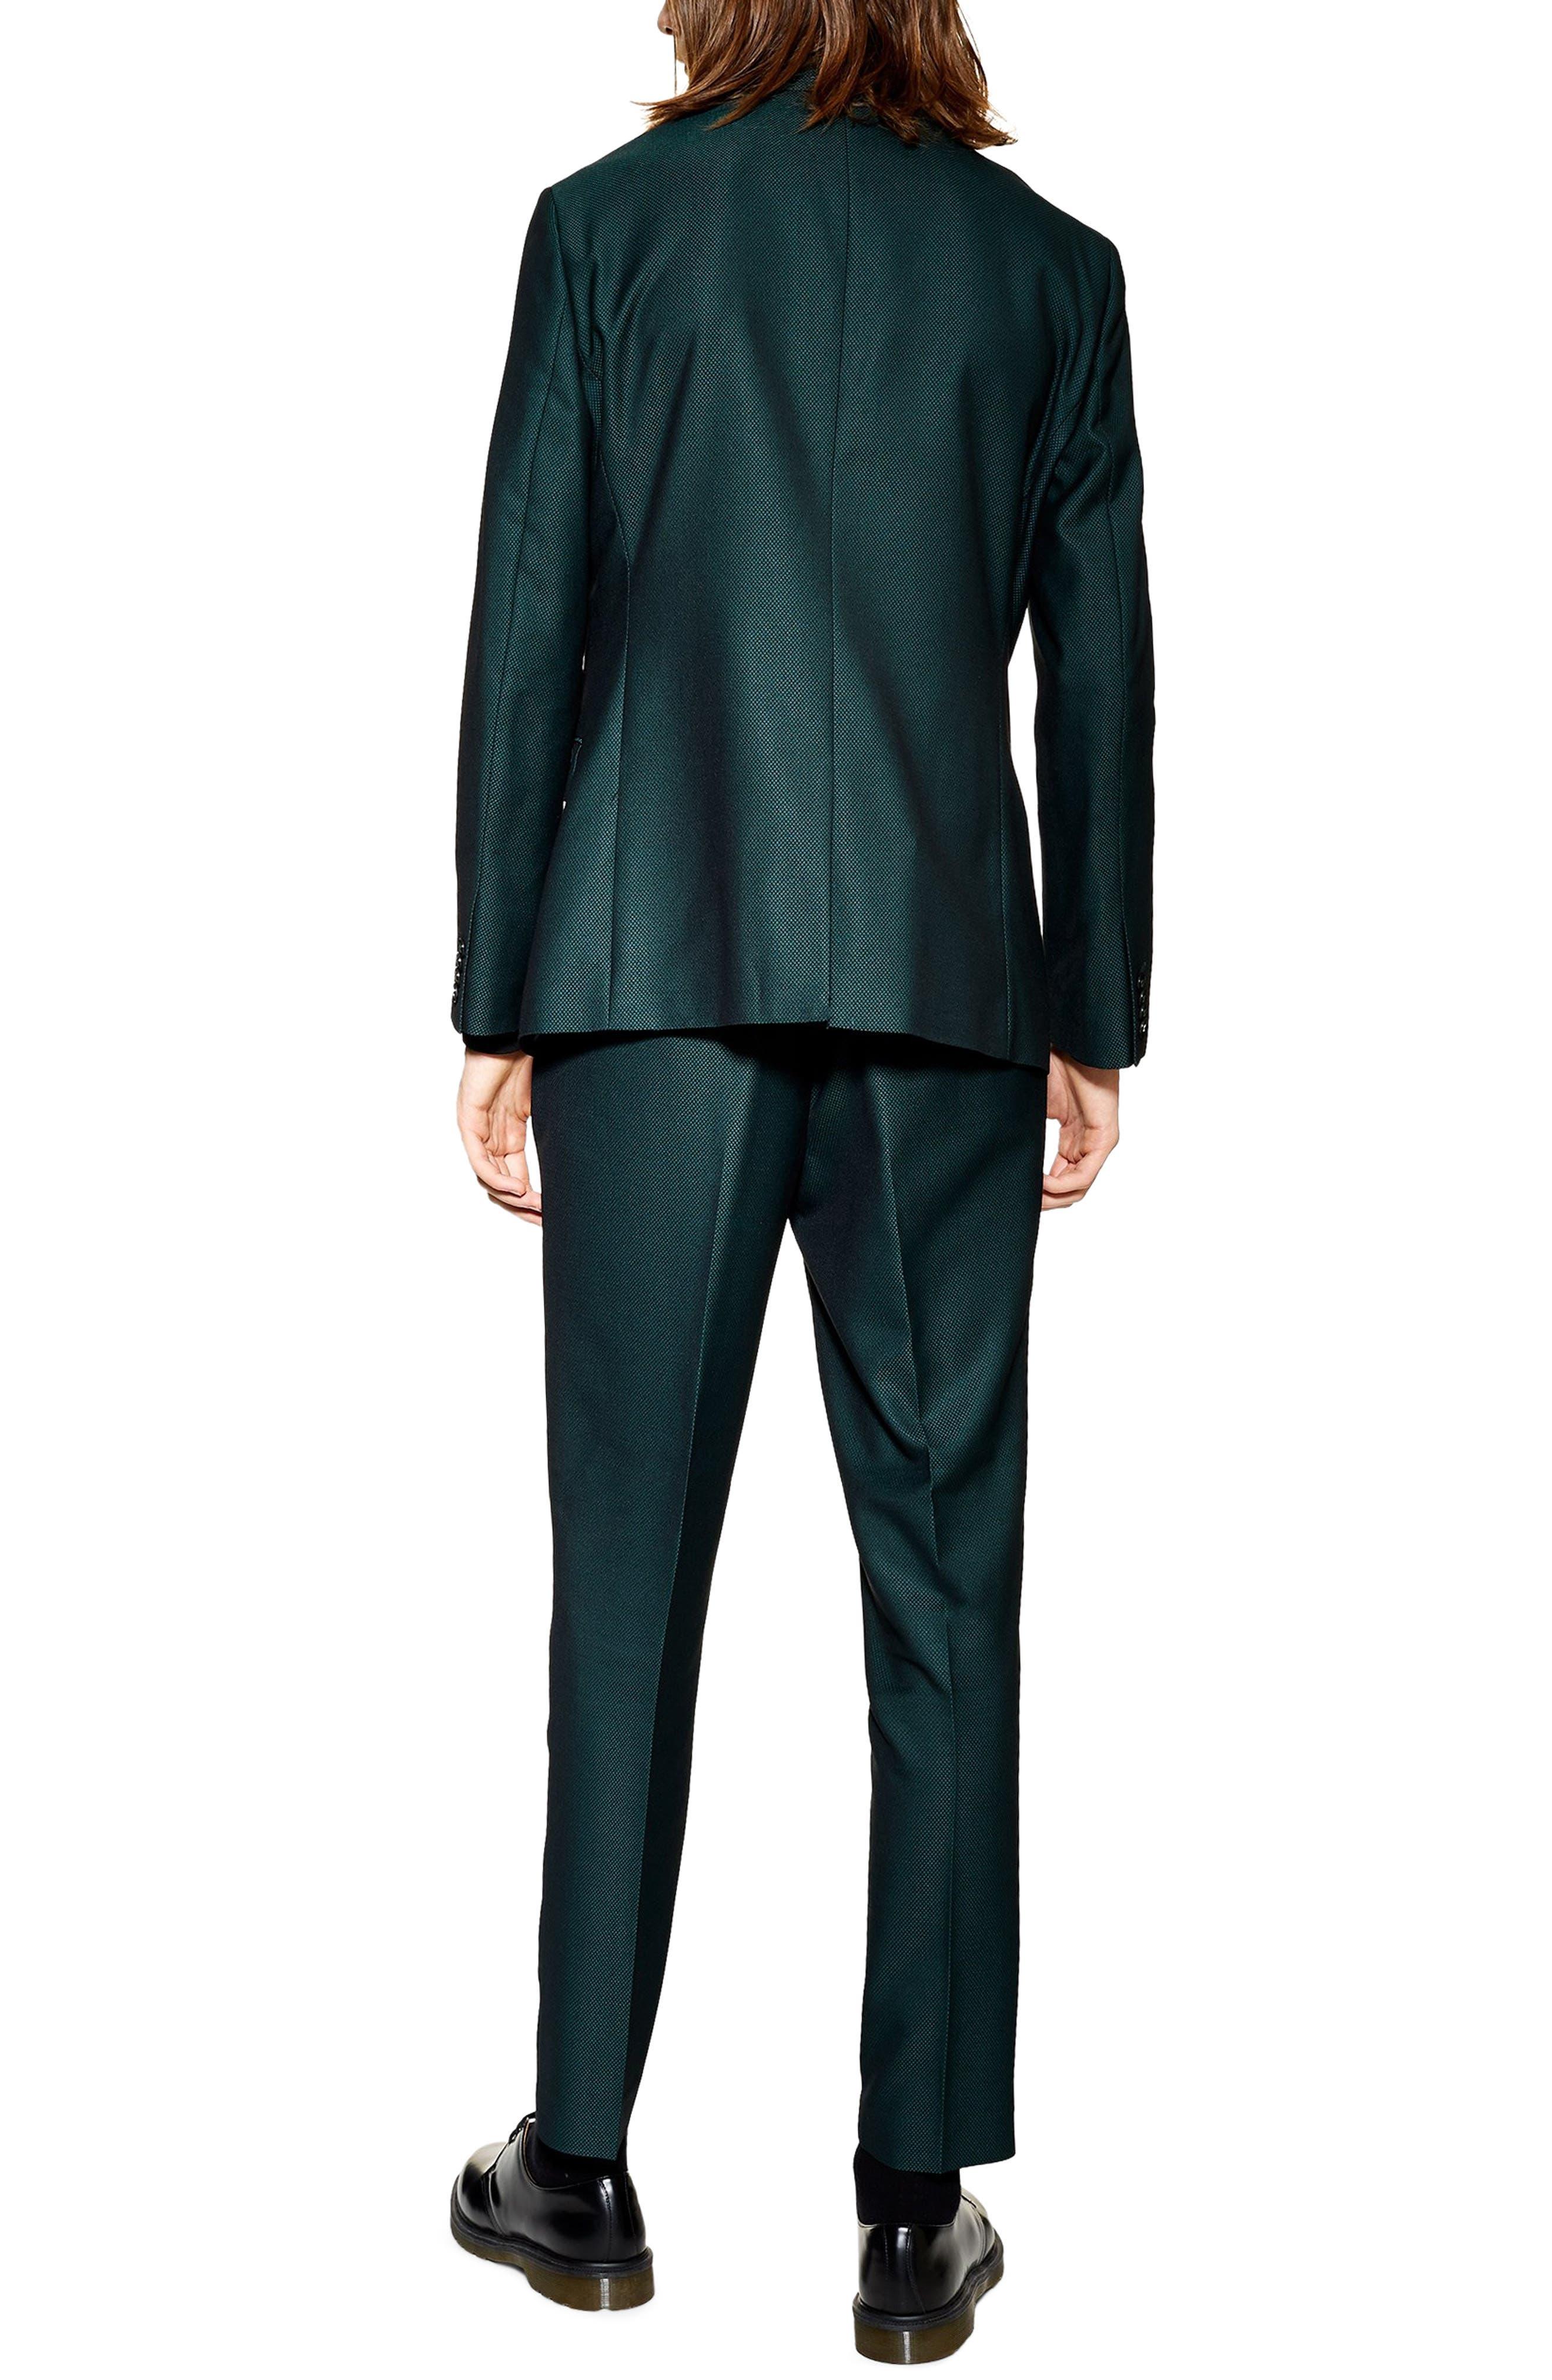 TOPMAN,                             Banbury Slim Fit Suit Trousers,                             Alternate thumbnail 2, color,                             300